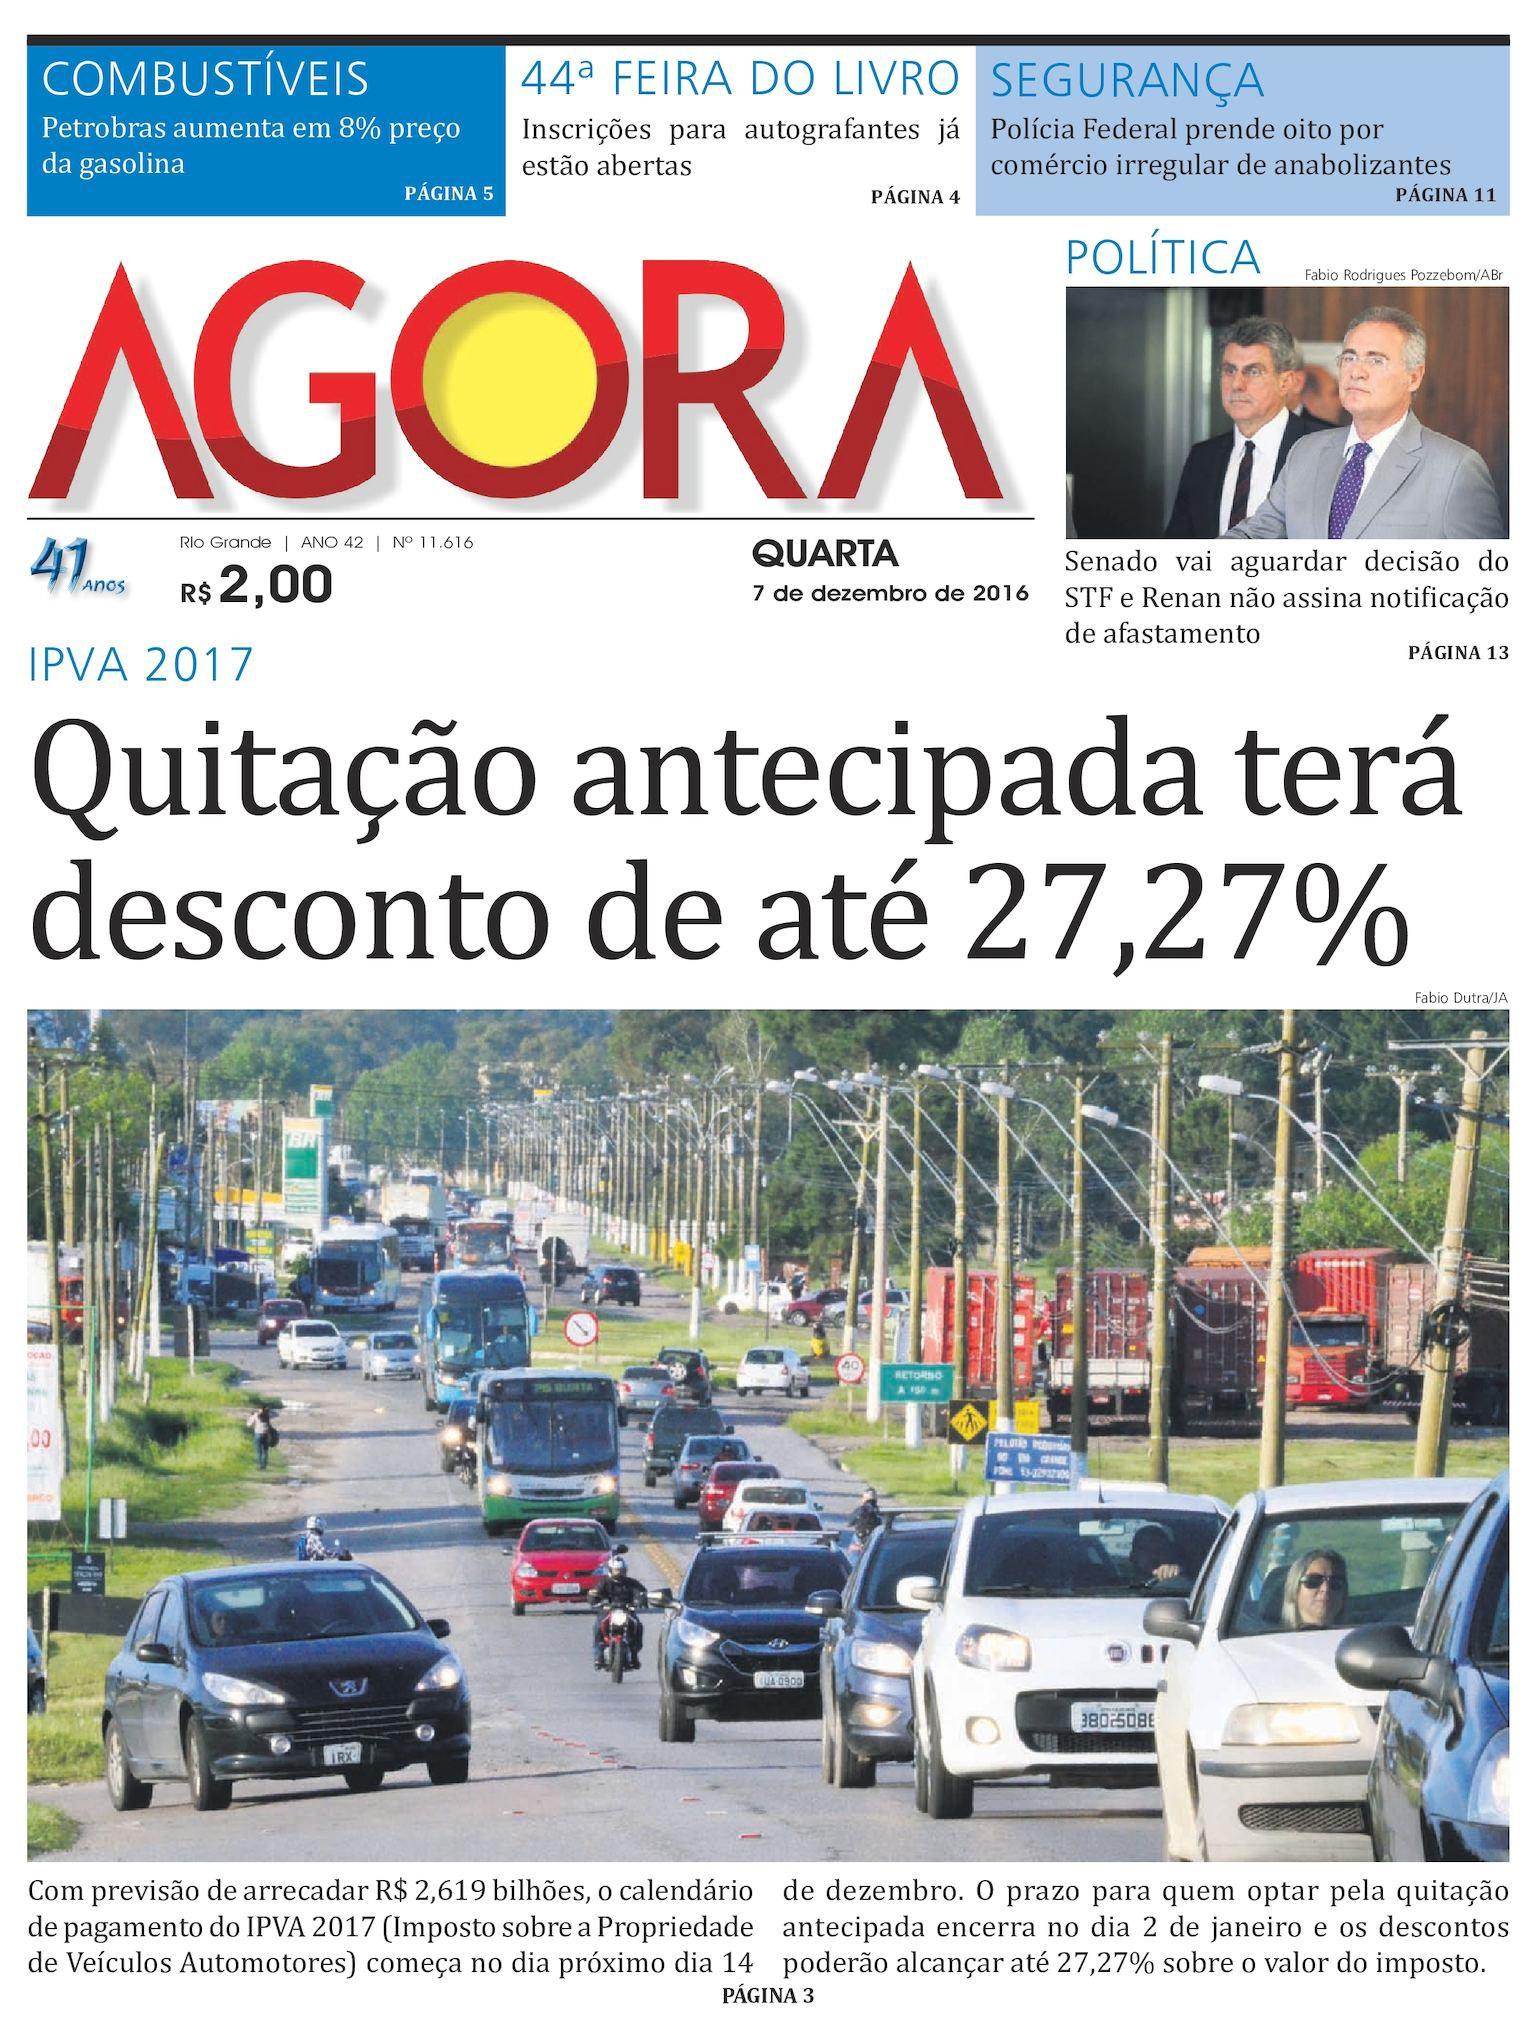 b7bfe5667 Calaméo - Jornal Agora - Eidção 11616 - 7 de Dezembro de 2016